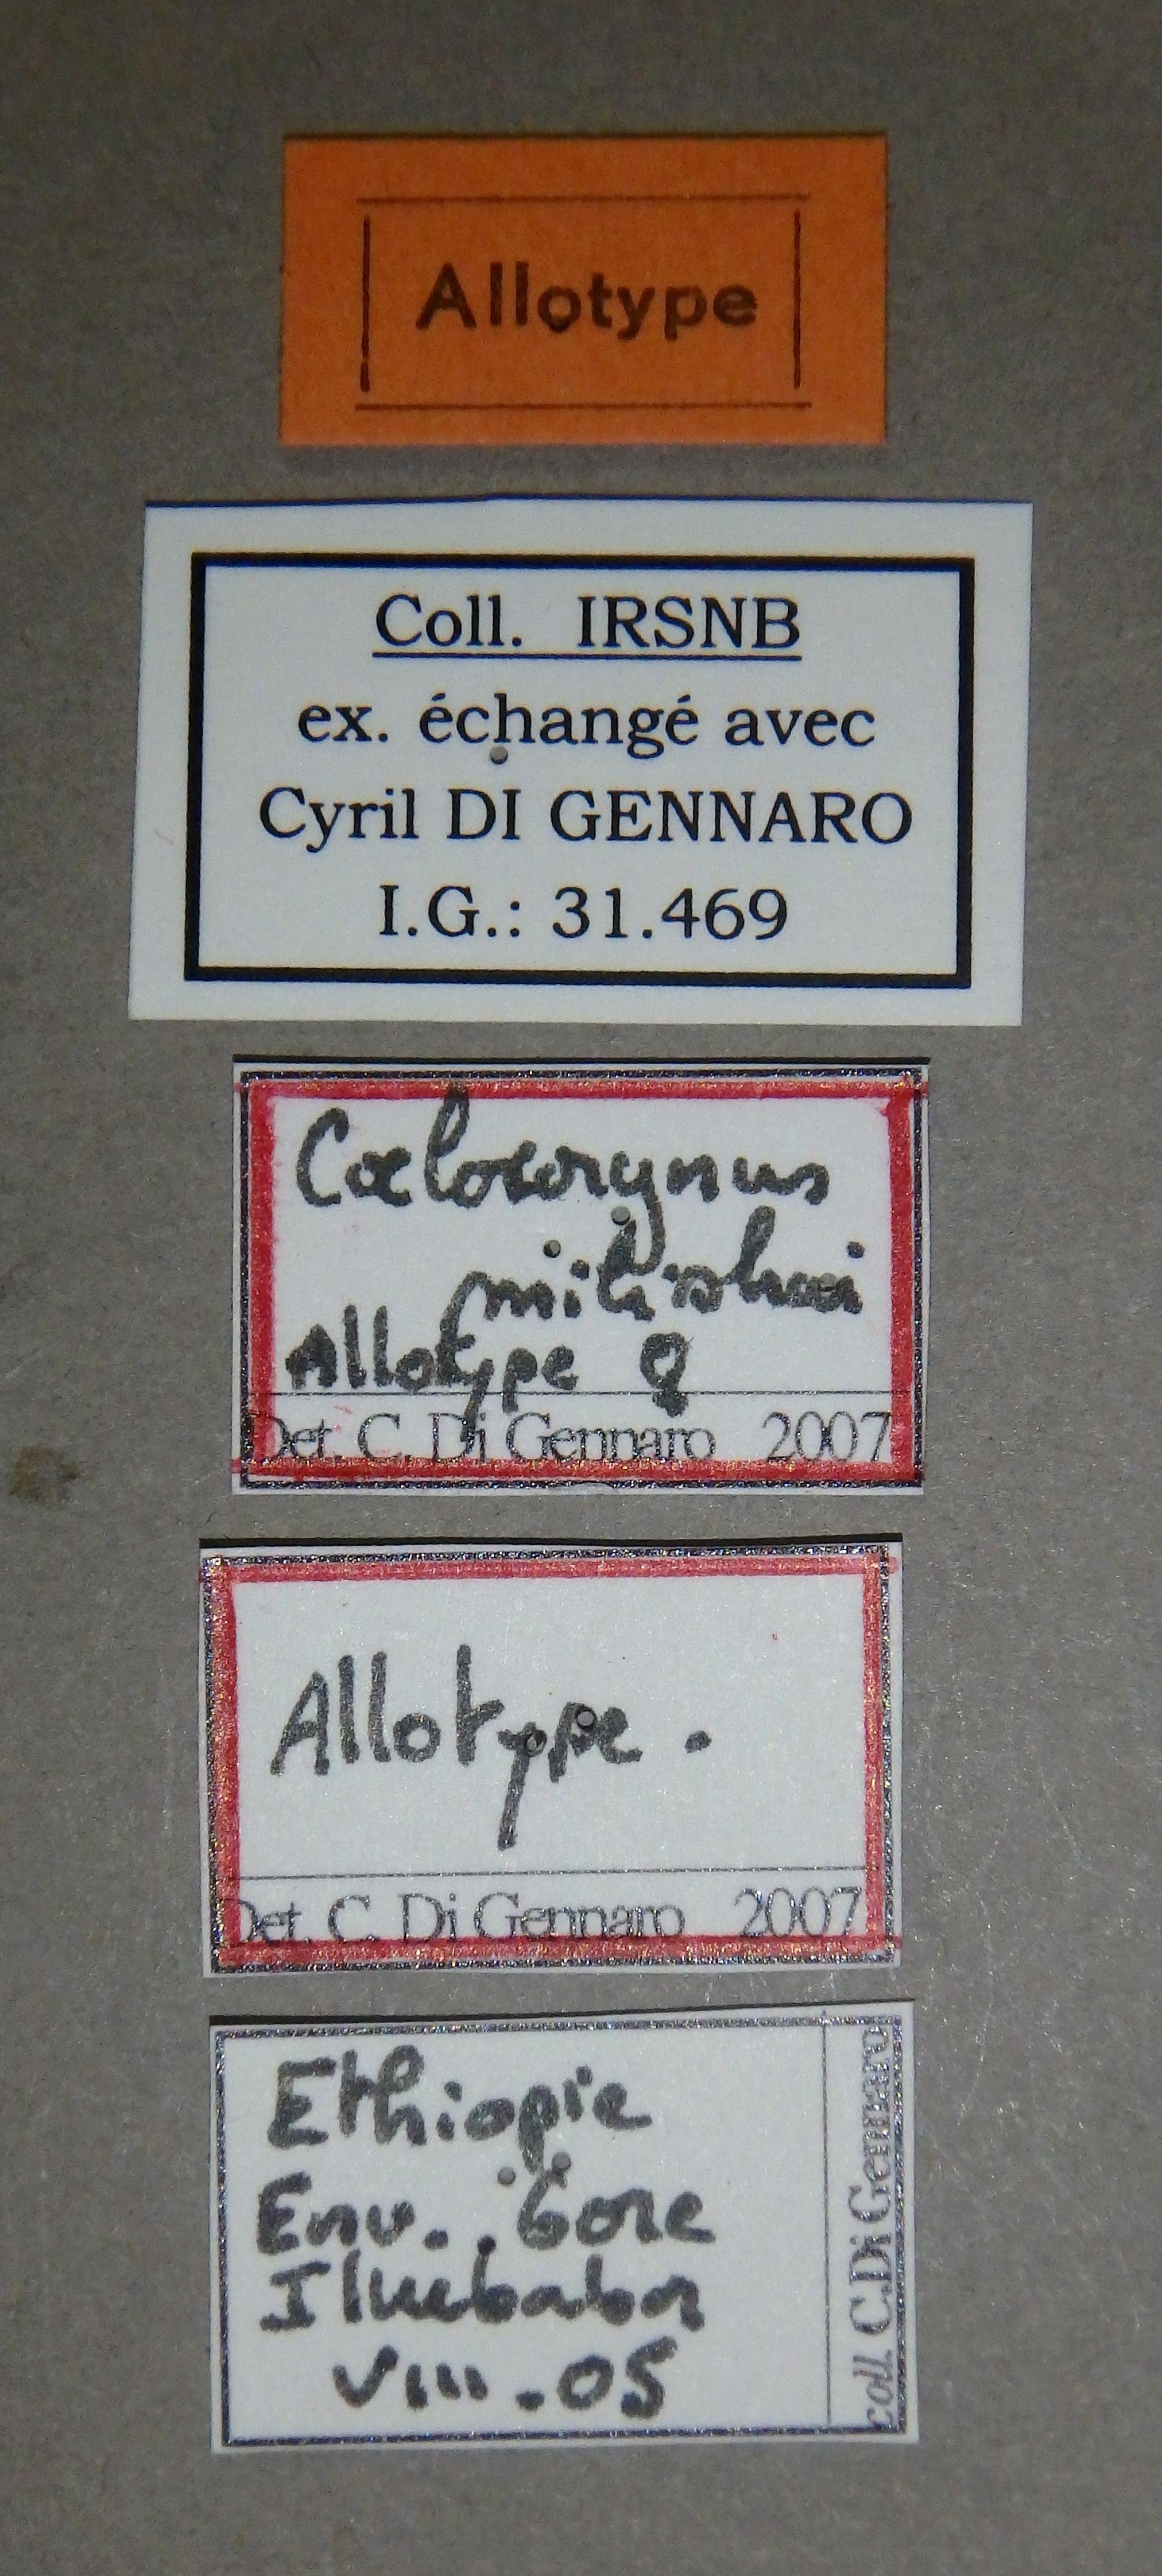 Coelocorynus milishai at Lb.JPG